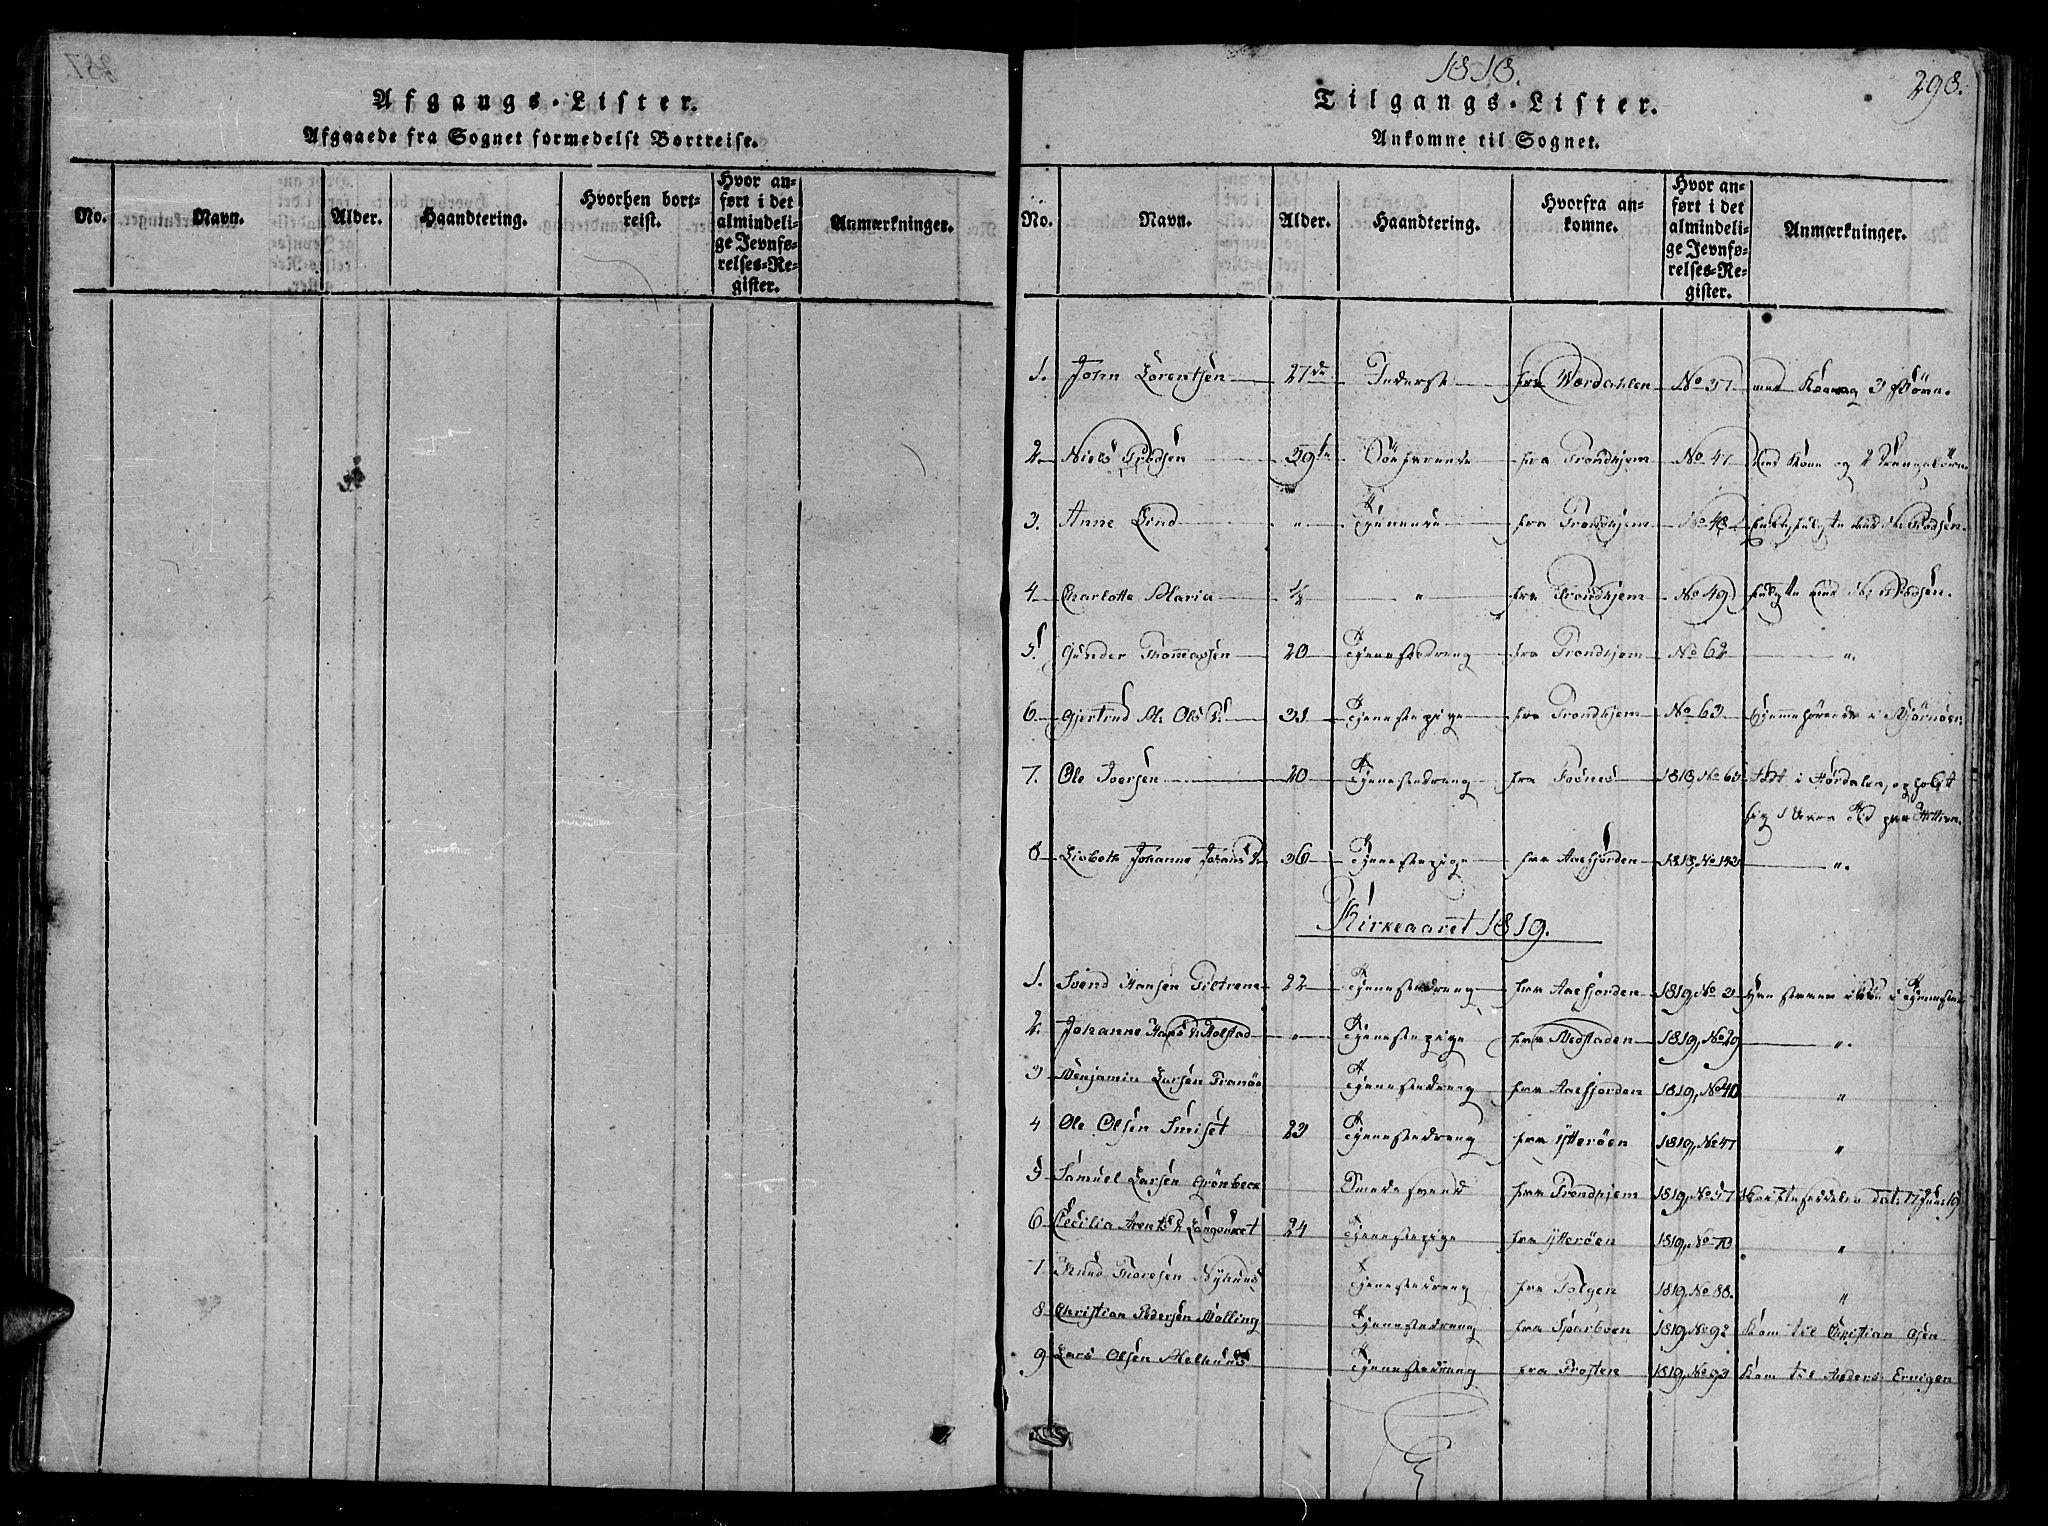 SAT, Ministerialprotokoller, klokkerbøker og fødselsregistre - Sør-Trøndelag, 657/L0702: Ministerialbok nr. 657A03, 1818-1831, s. 298